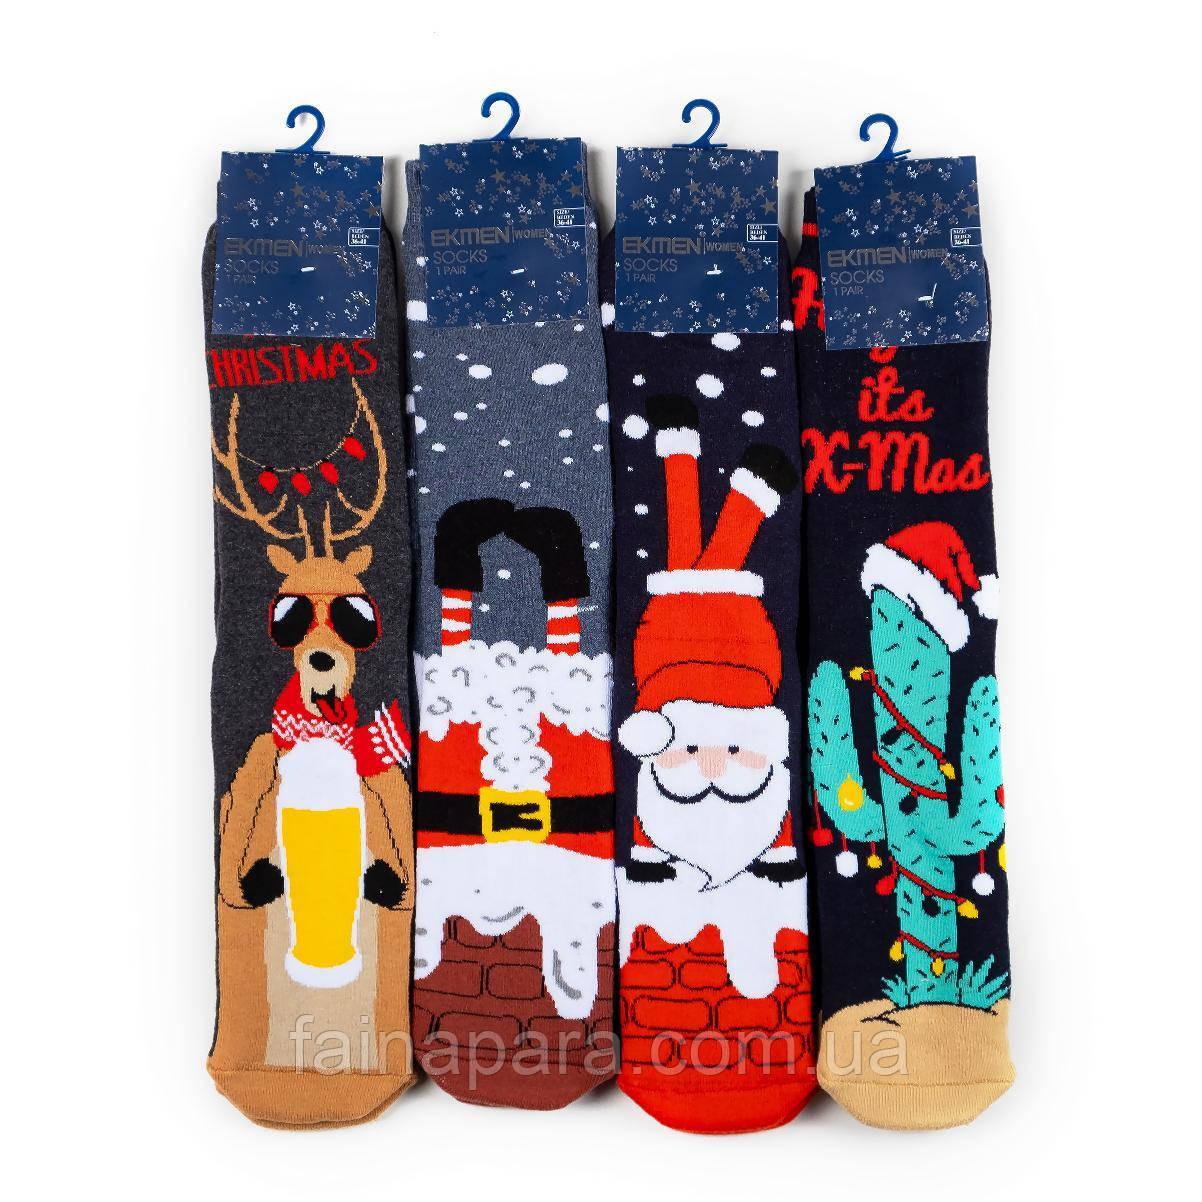 Новорічні домашні жіночі шкарпетки з гальмами махрові. Преміум якість